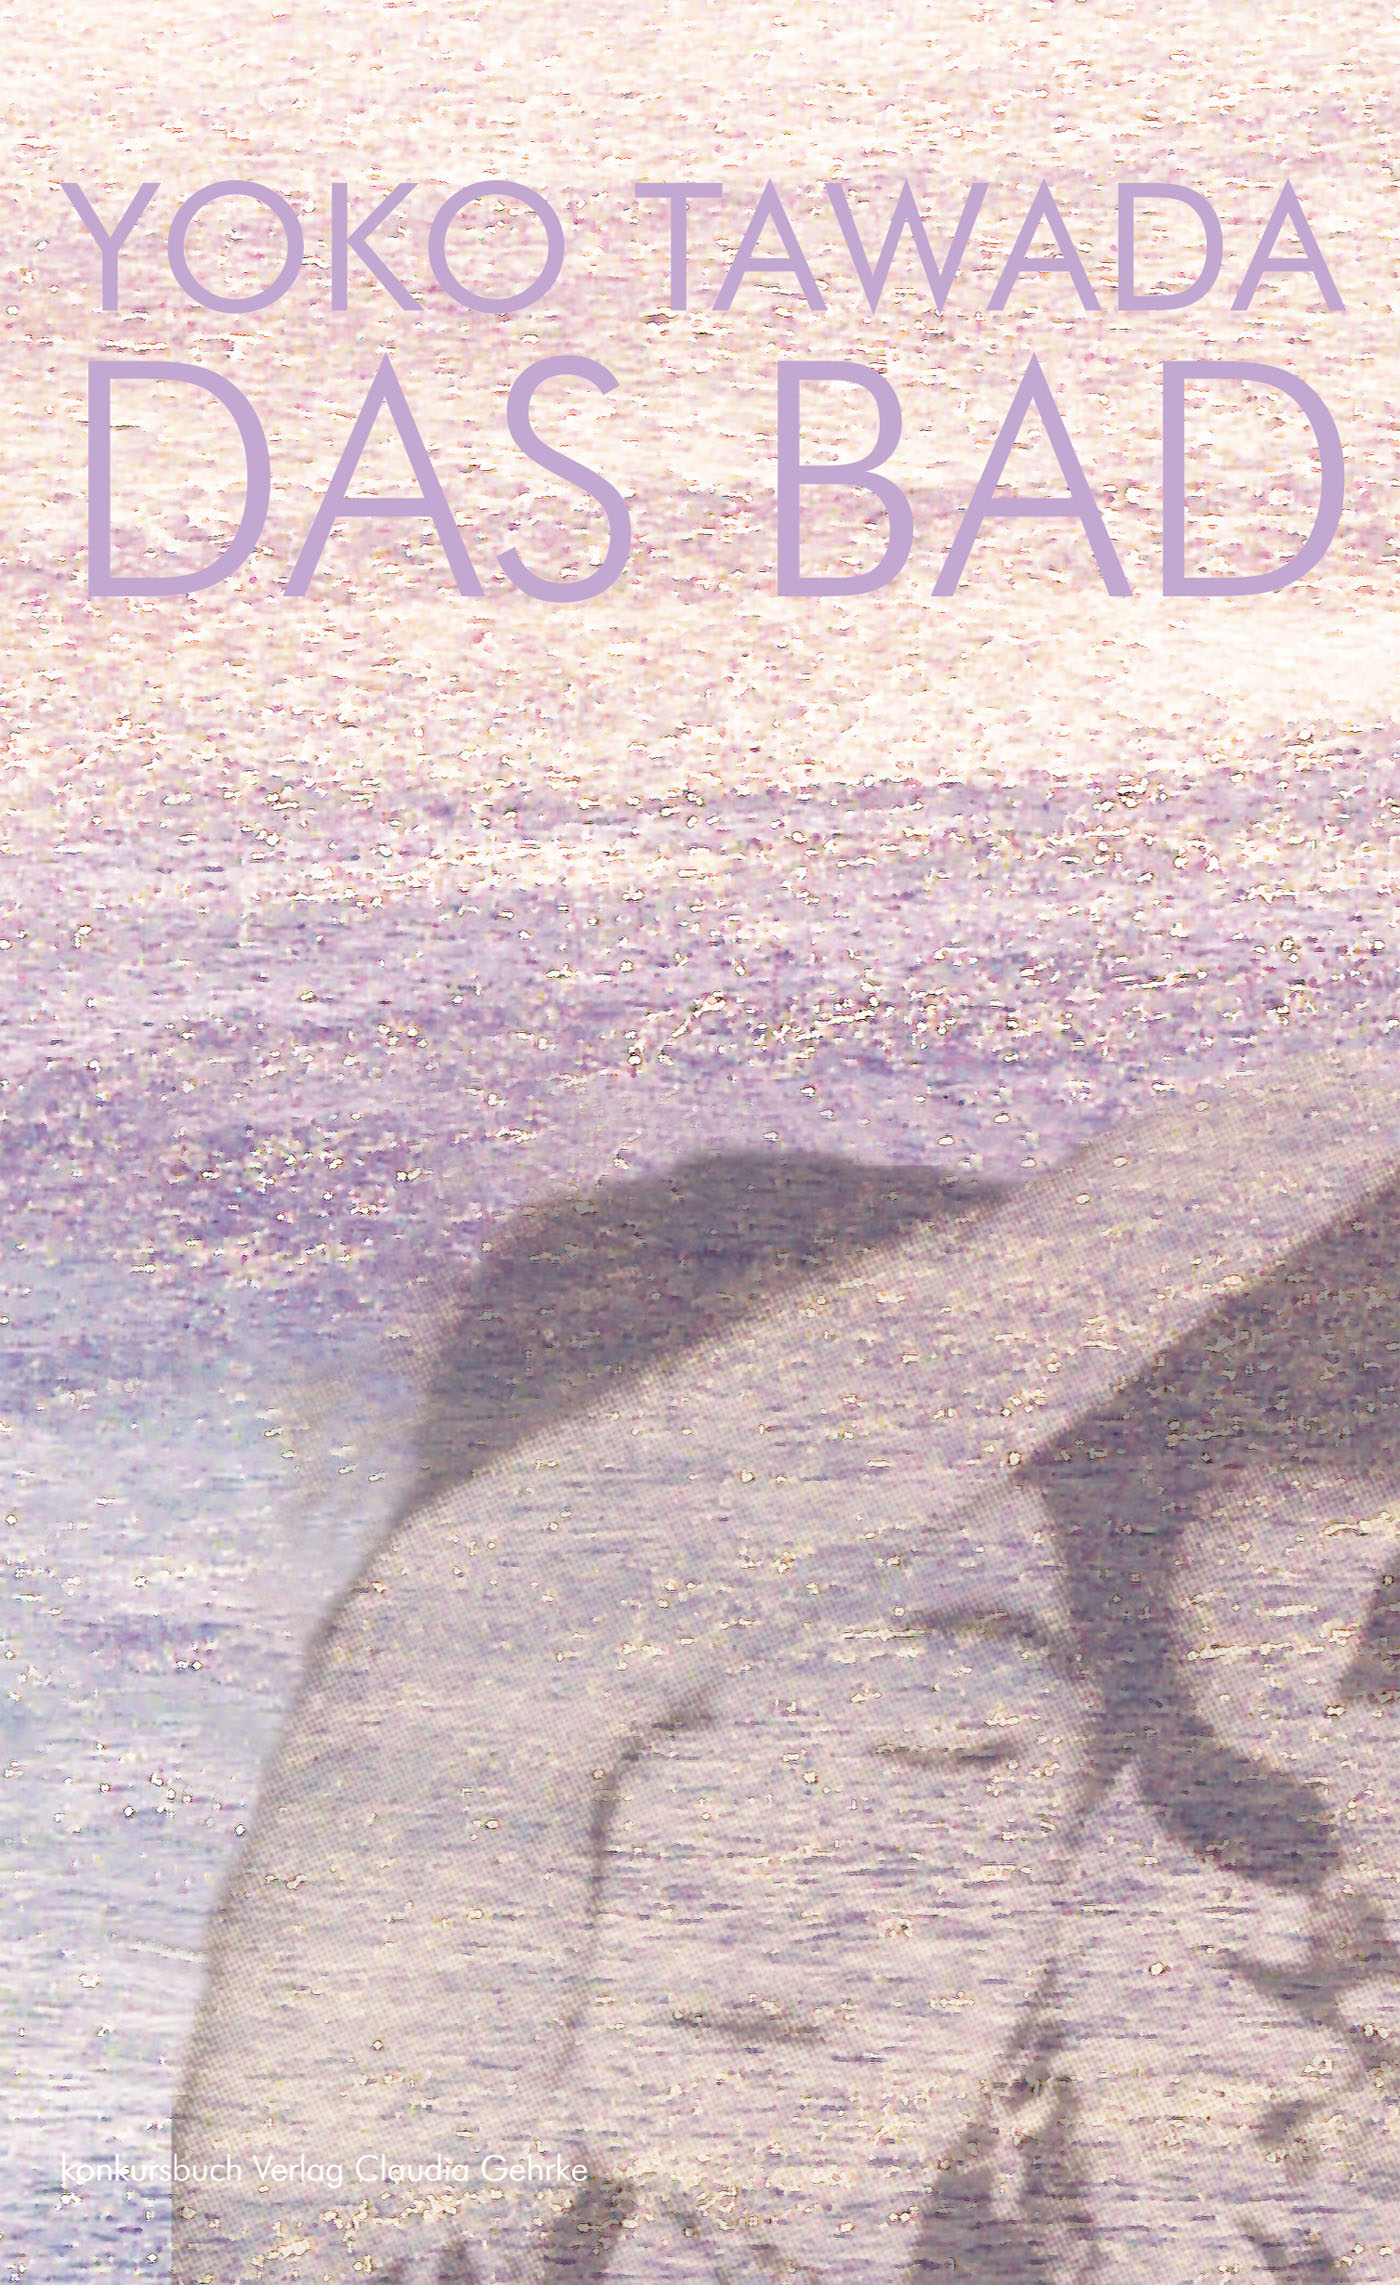 Das Bad - Yoko Tawada